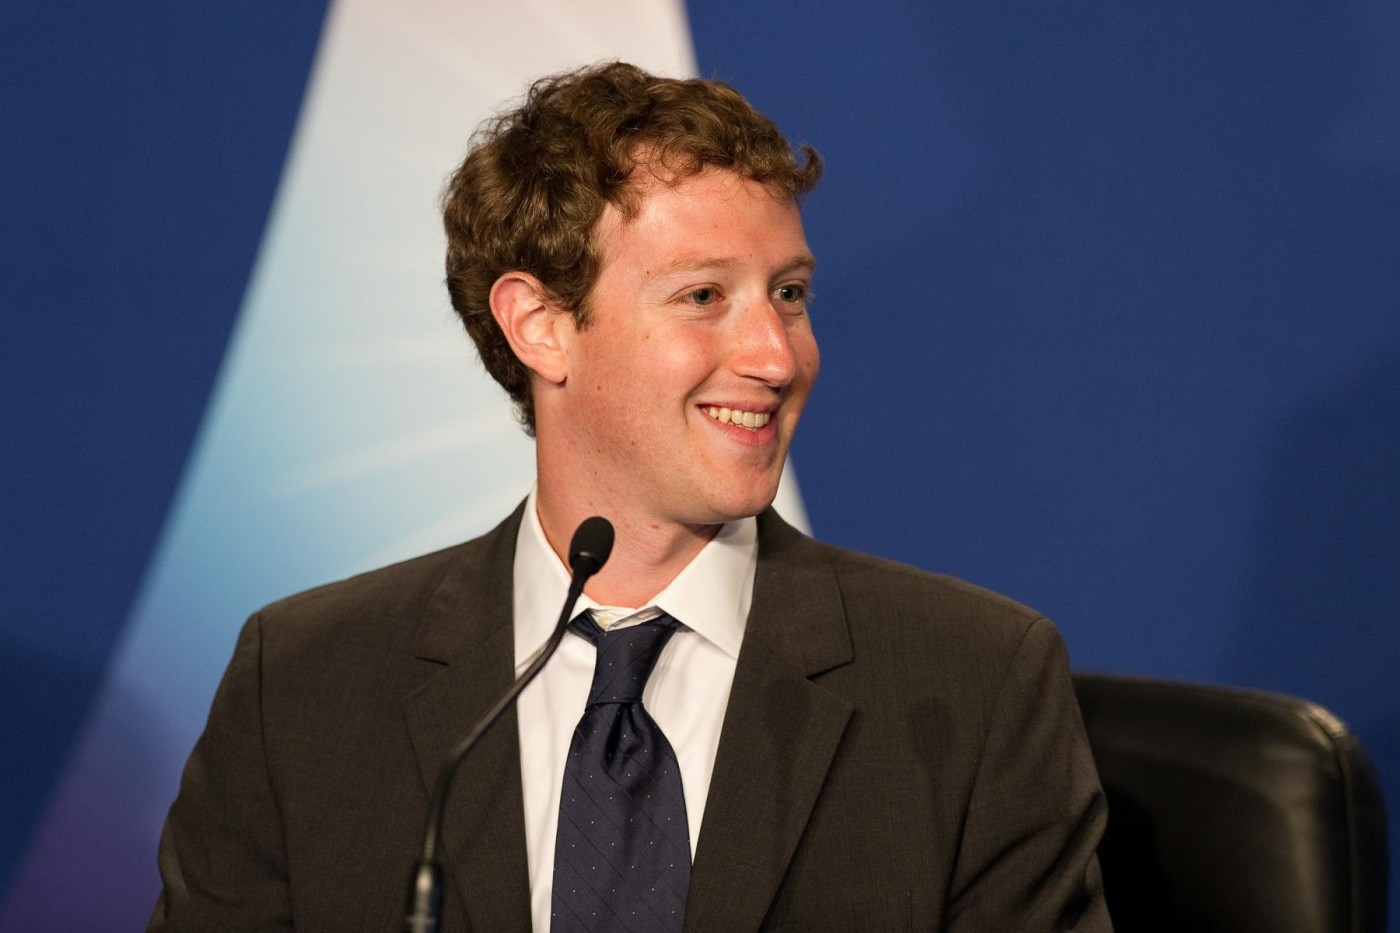 曾與劍橋分析有合作,兩家資料公司不當使用數據遭Facebook封殺